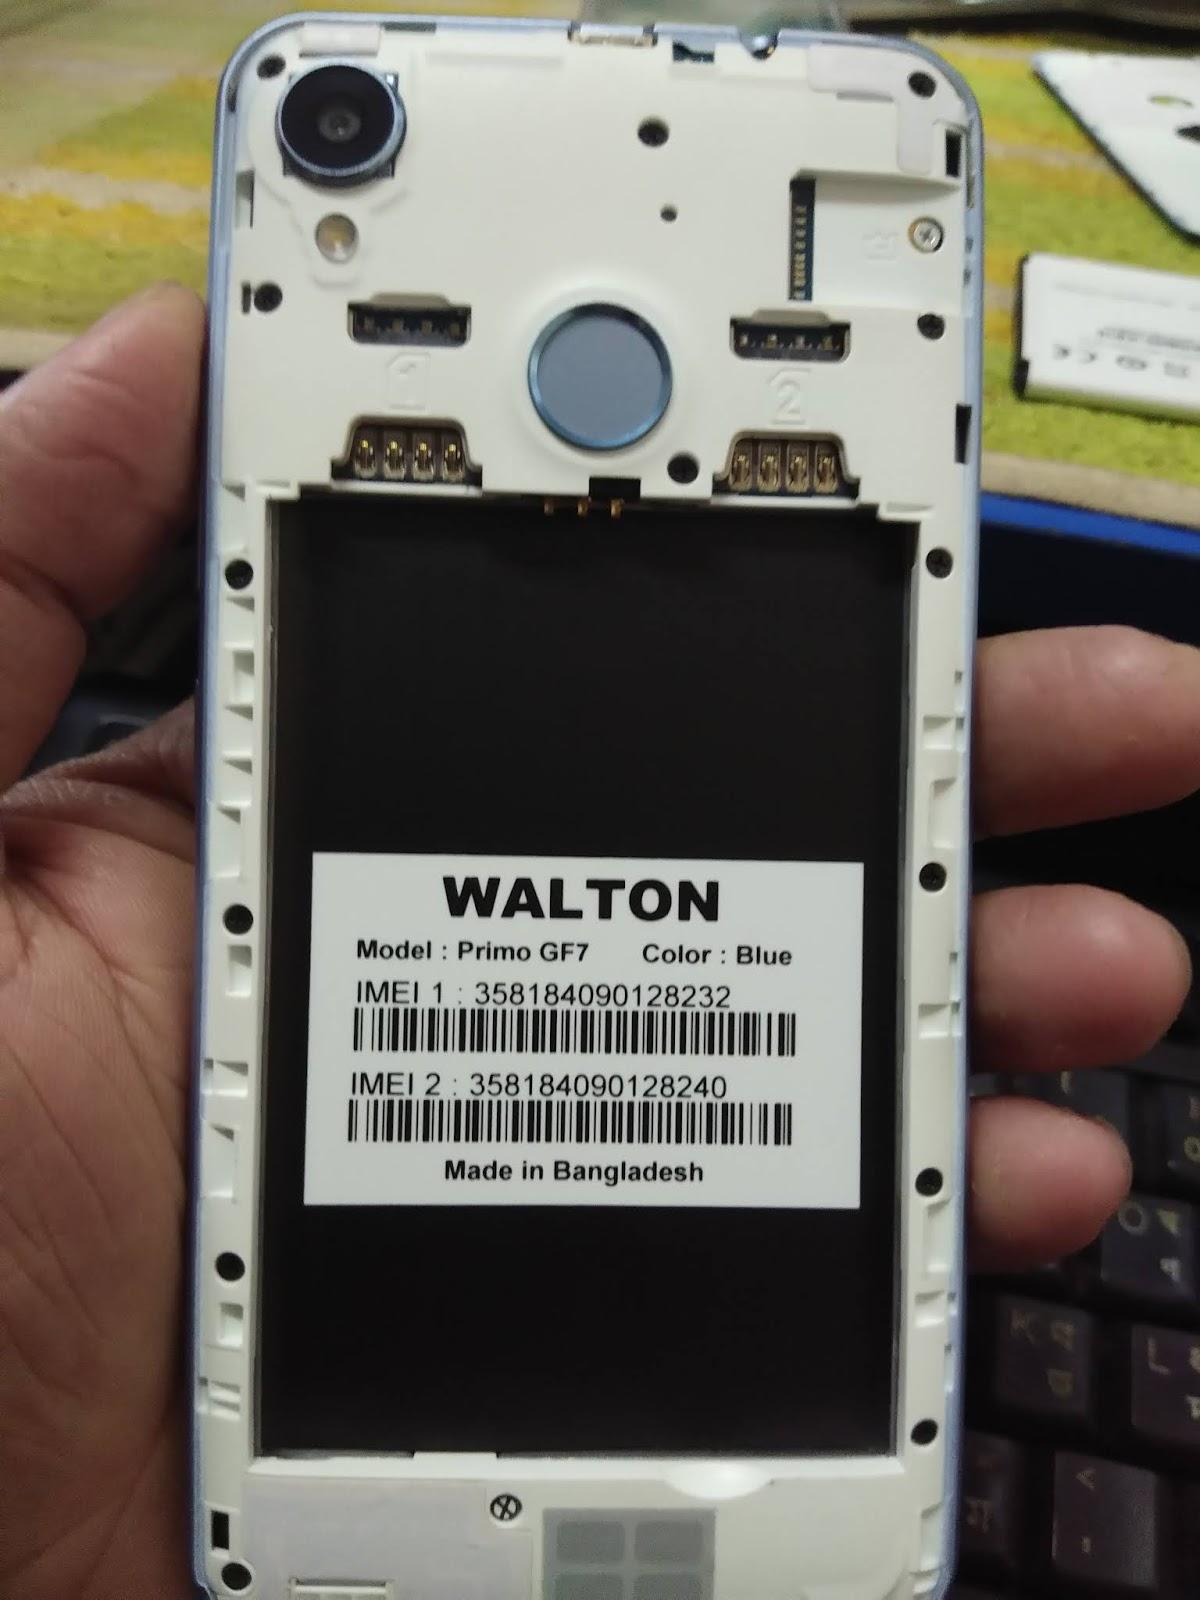 Walton Primo GF7 Flash File